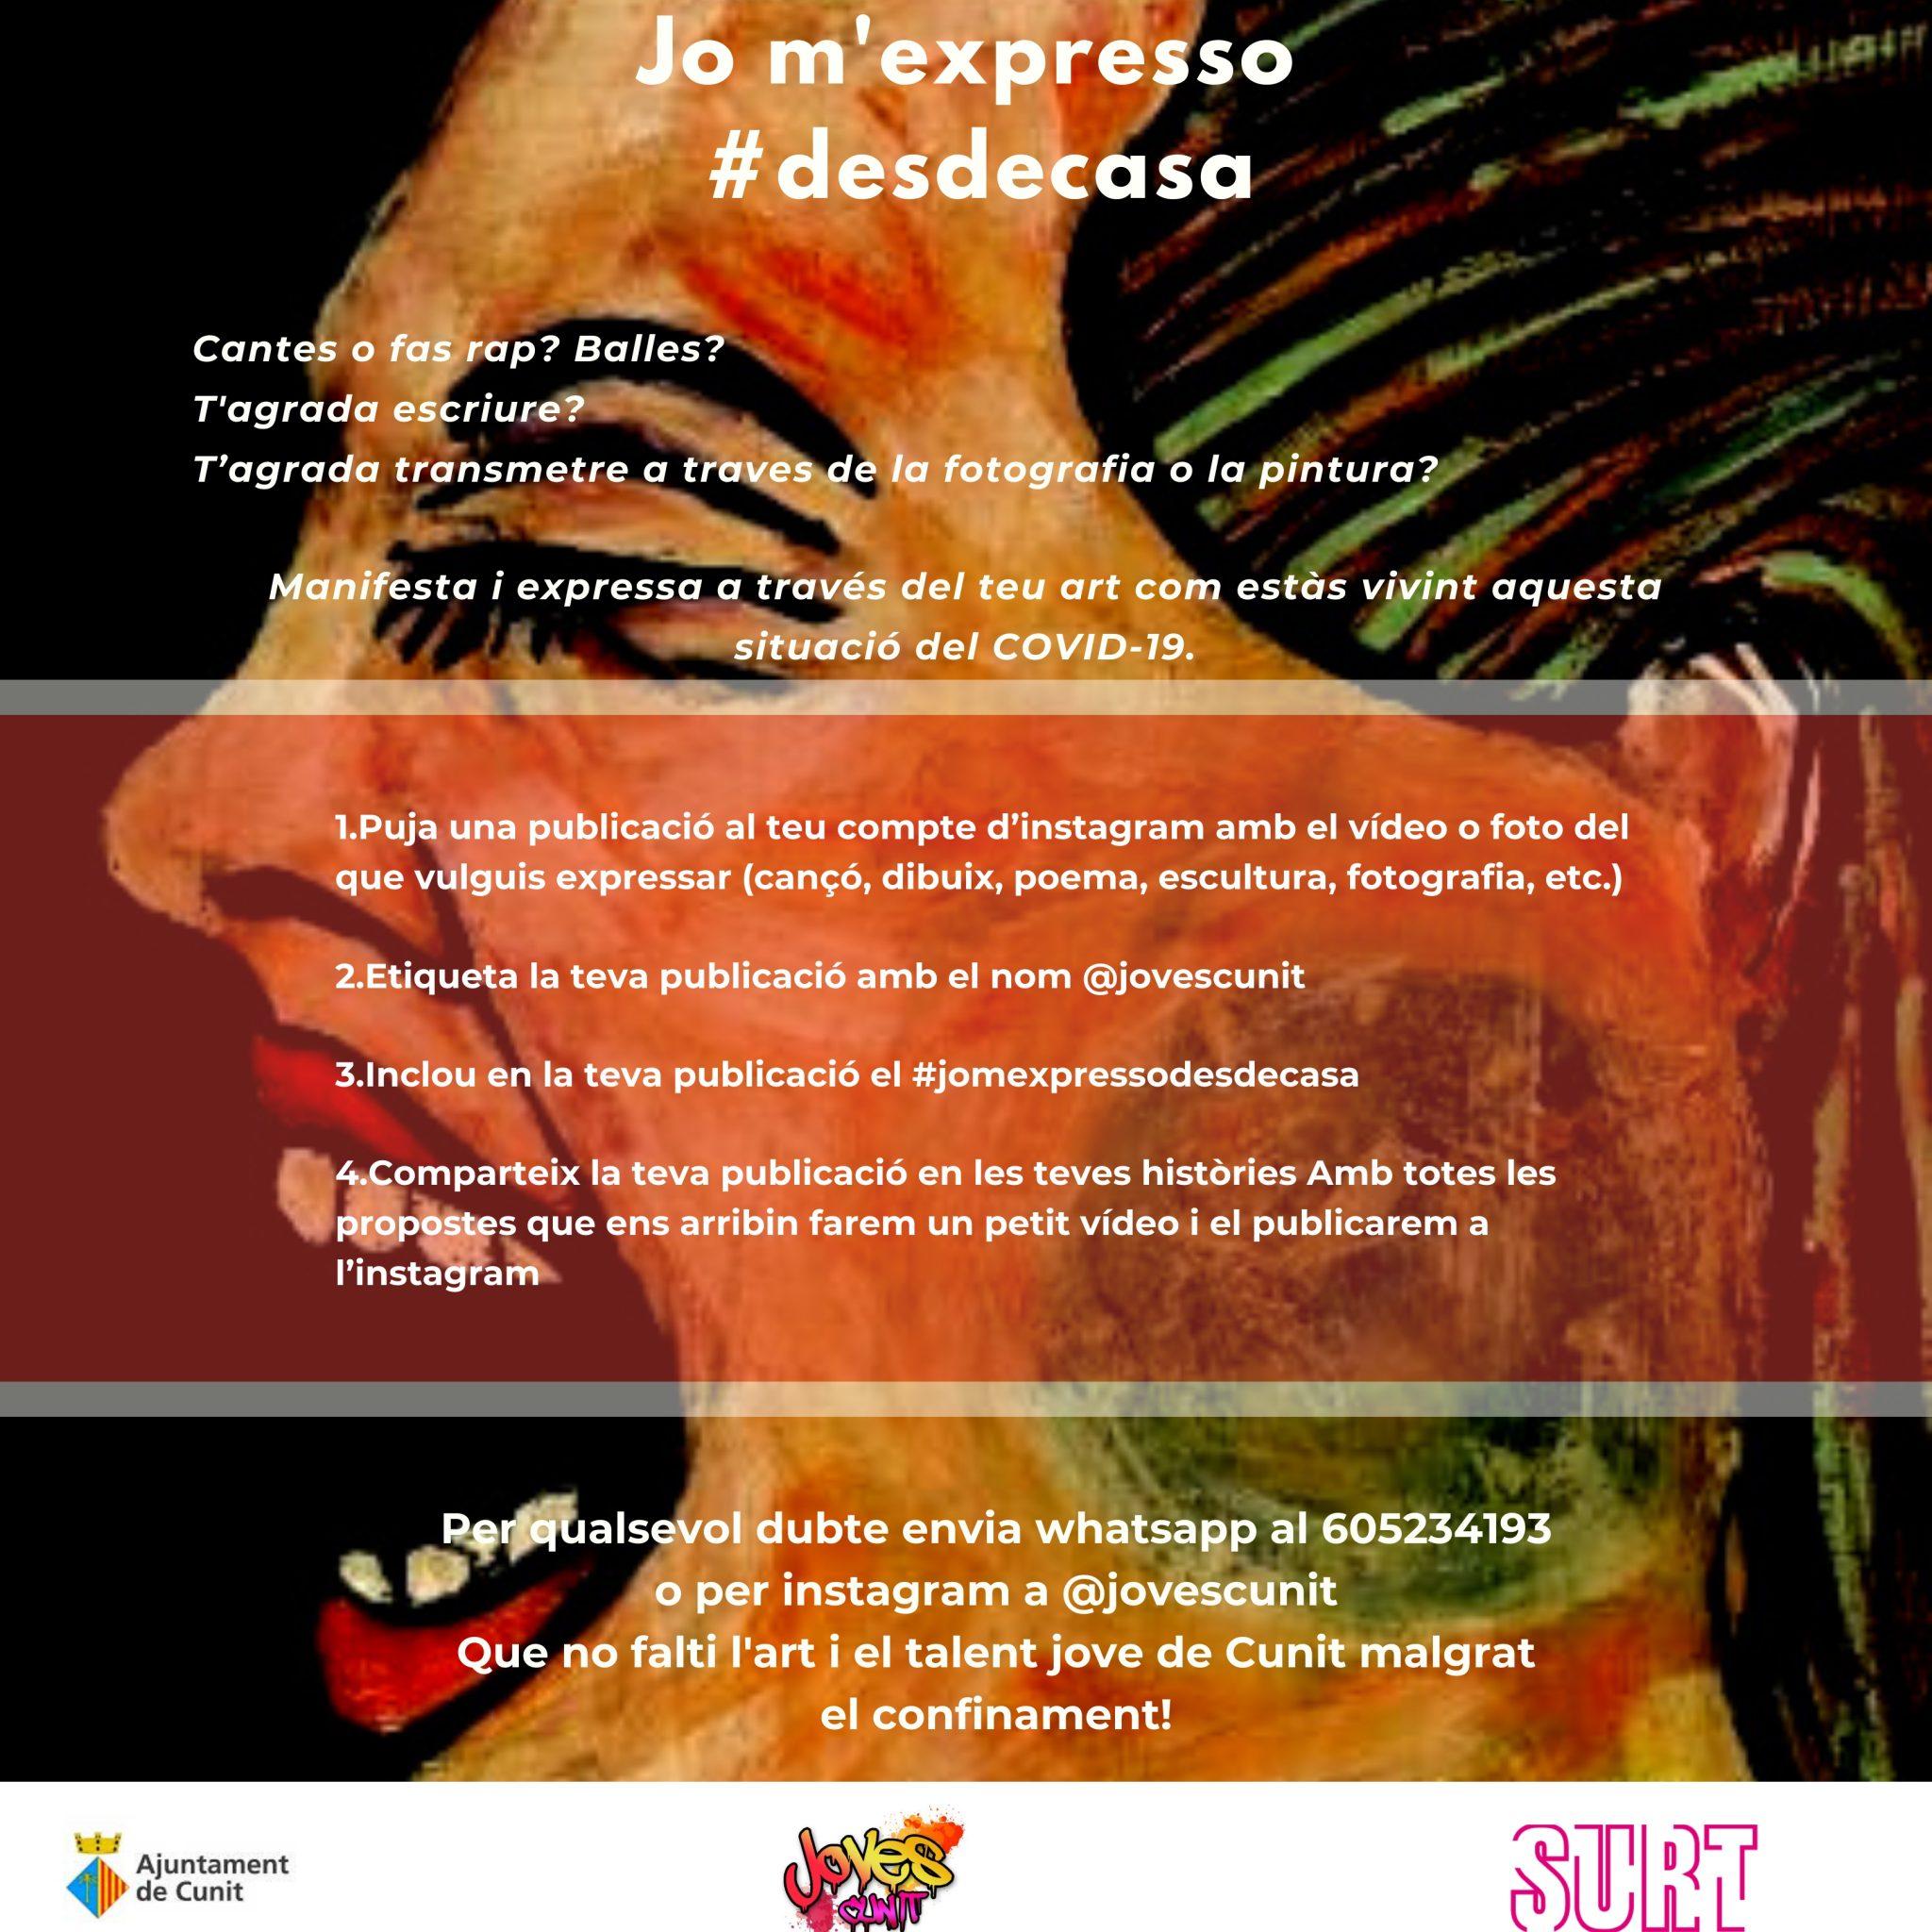 Jo m'expresso #desdecasa!